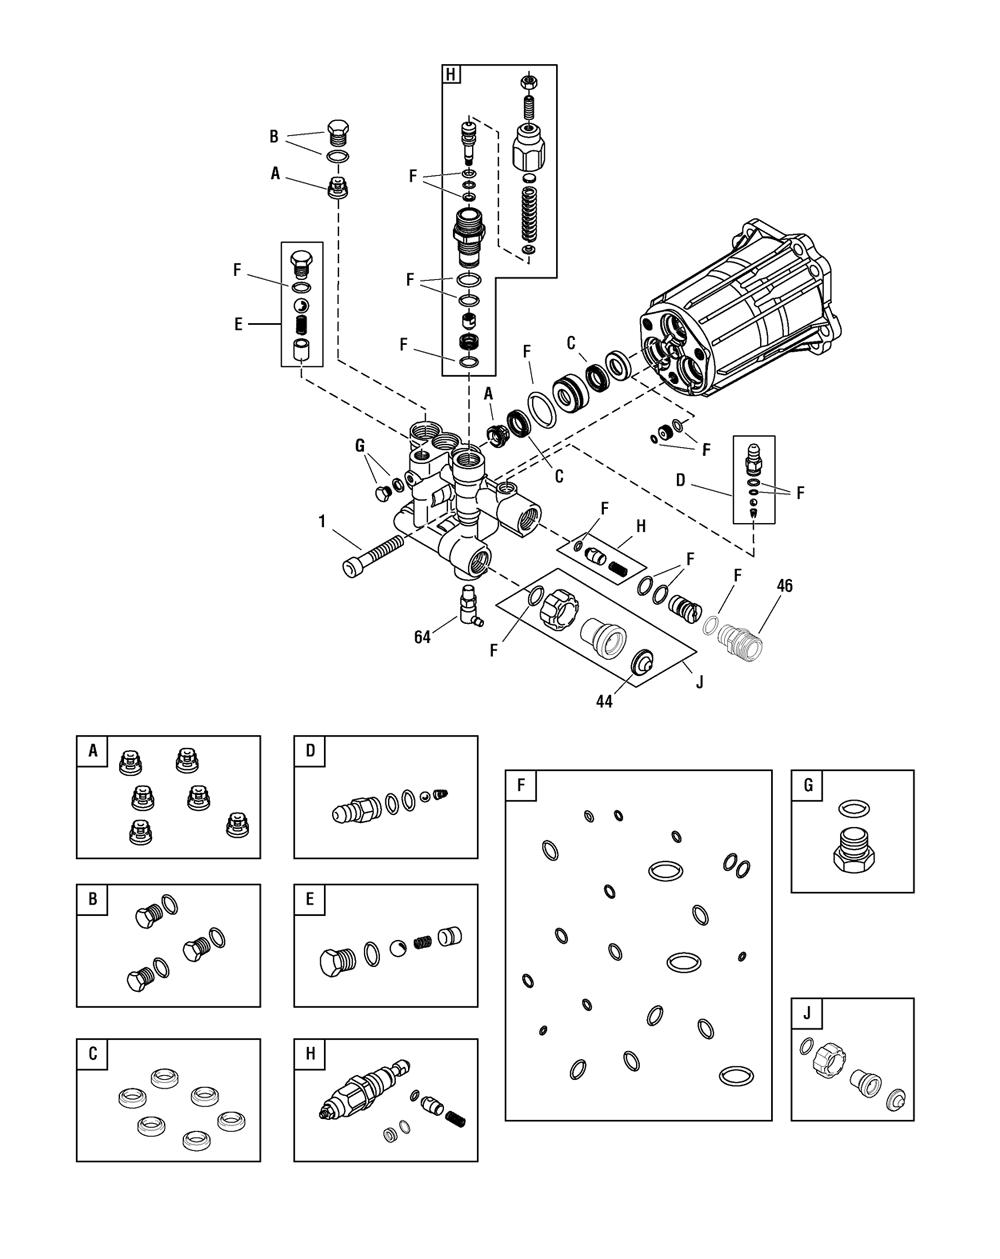 020379-02-BriggsandStratton-PB-1Break Down